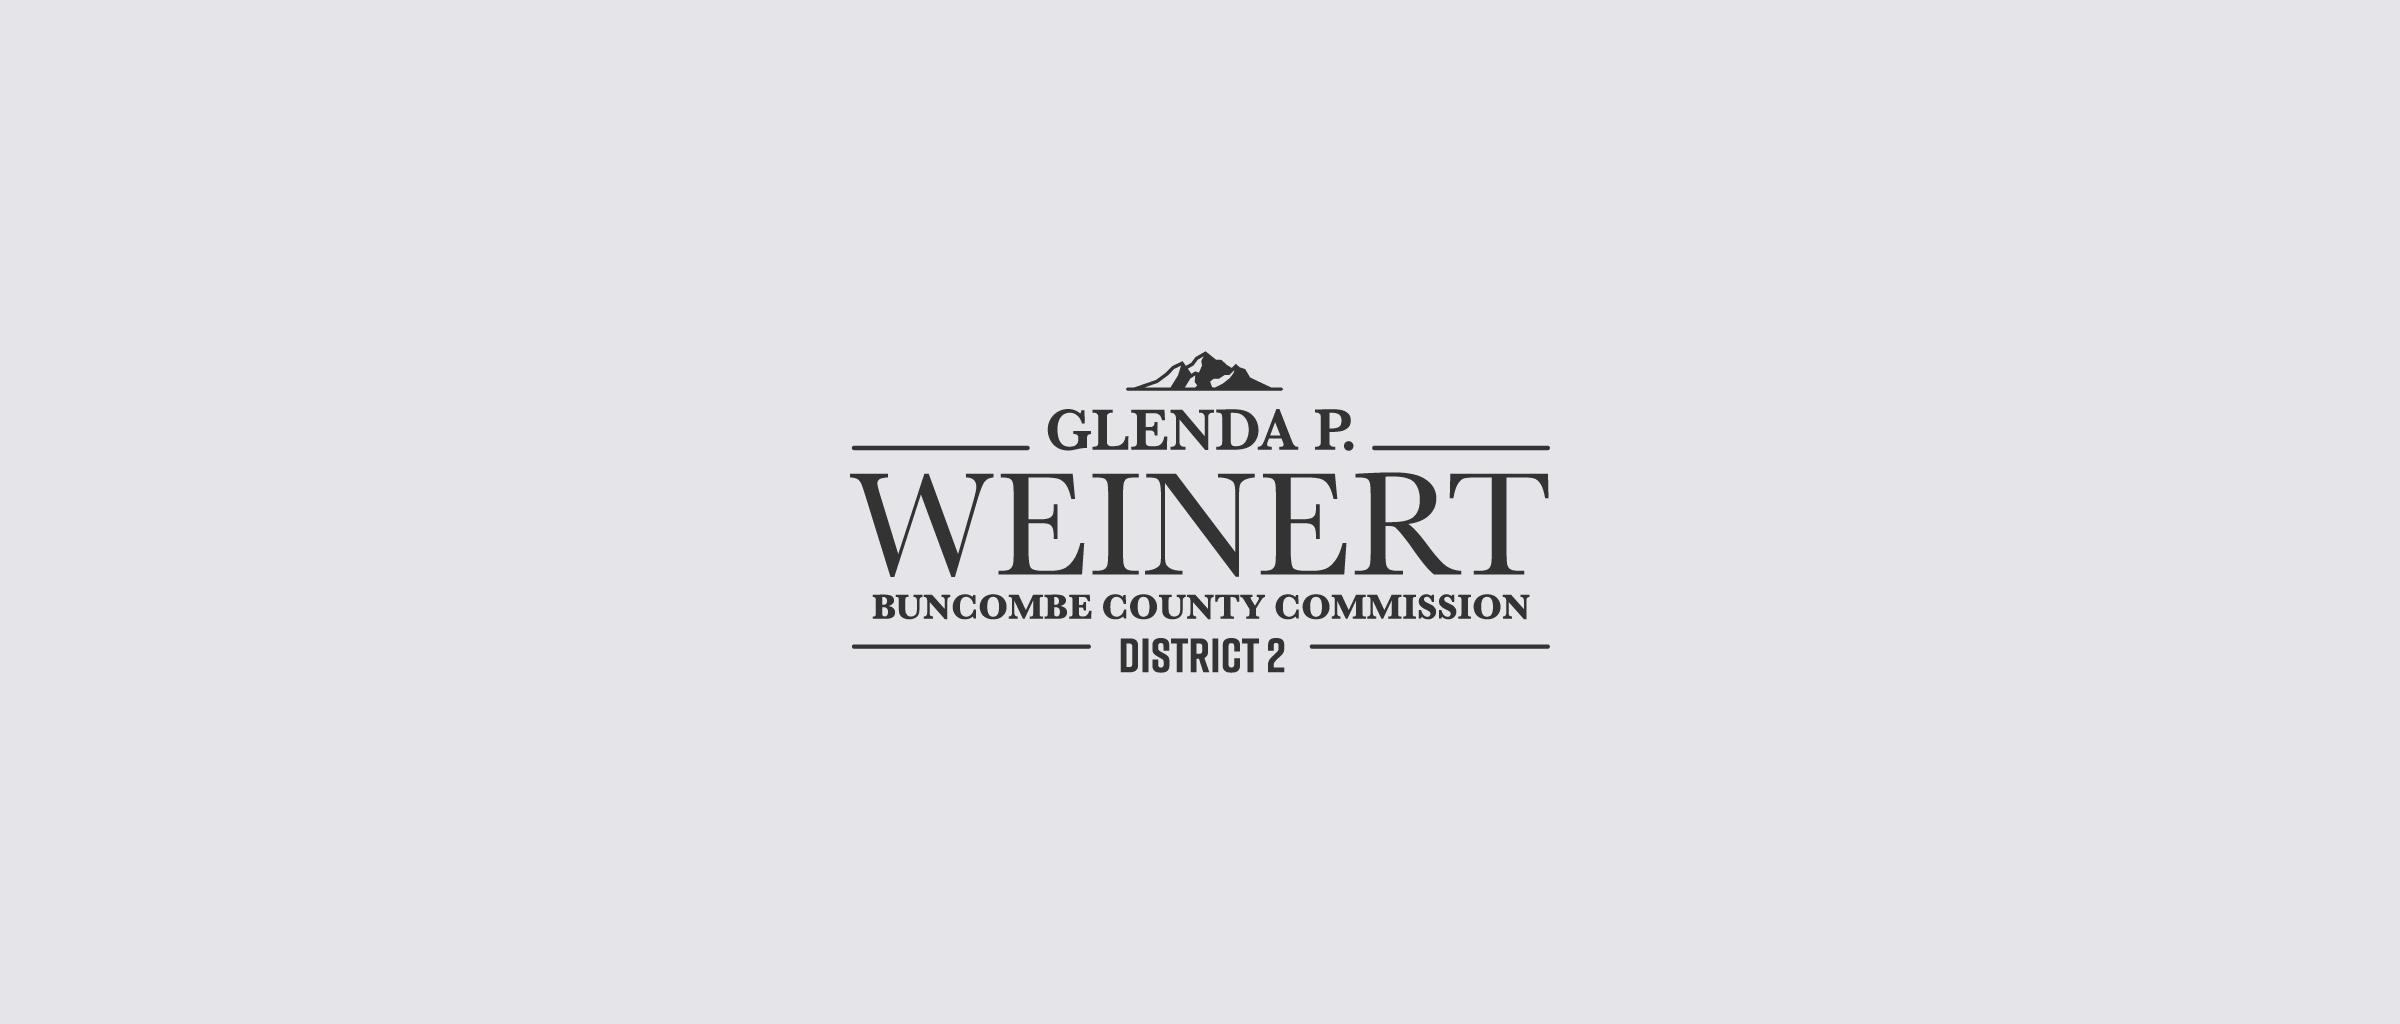 logo_glenda-weinert_bw.png